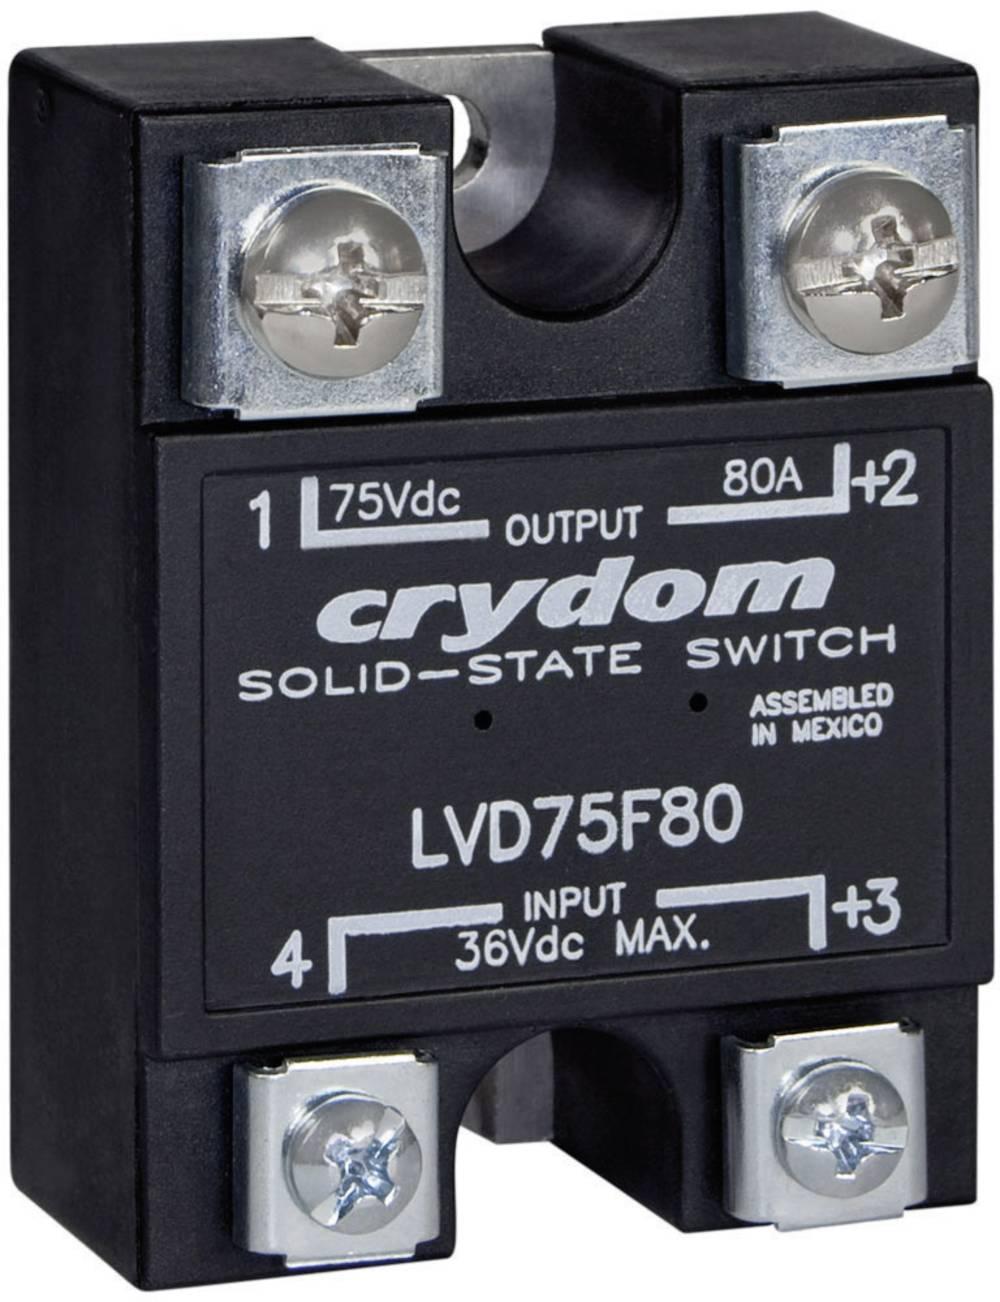 Nizkonapetostno polprevodniškoločilno stikalo Crydom LVD75Dločilno stikalo Crydom LVD75D LVD75D100